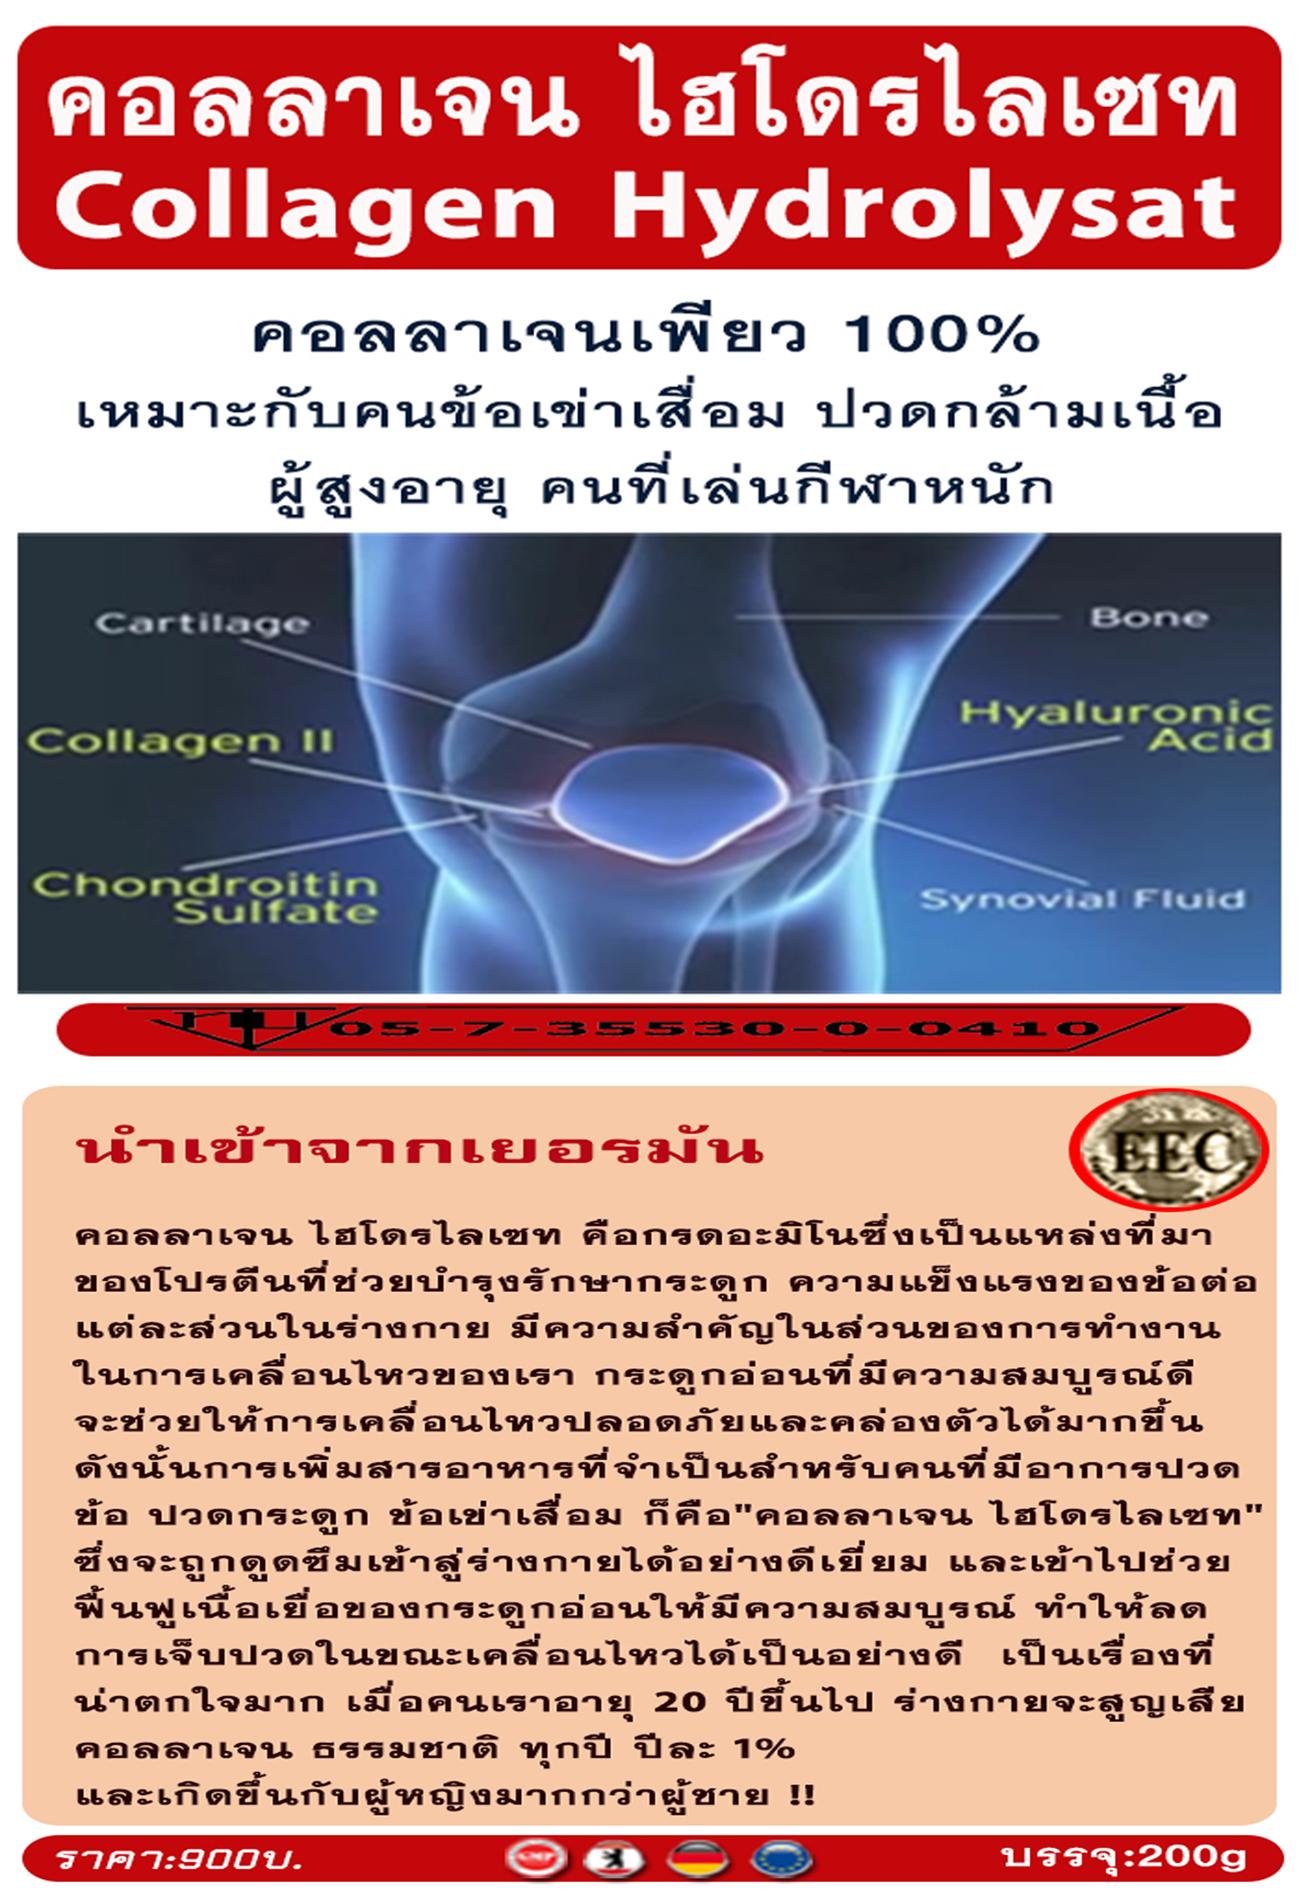 Collagen-Hydrolysat คอลลาเจนเพียว 100% จากเยอรมัน